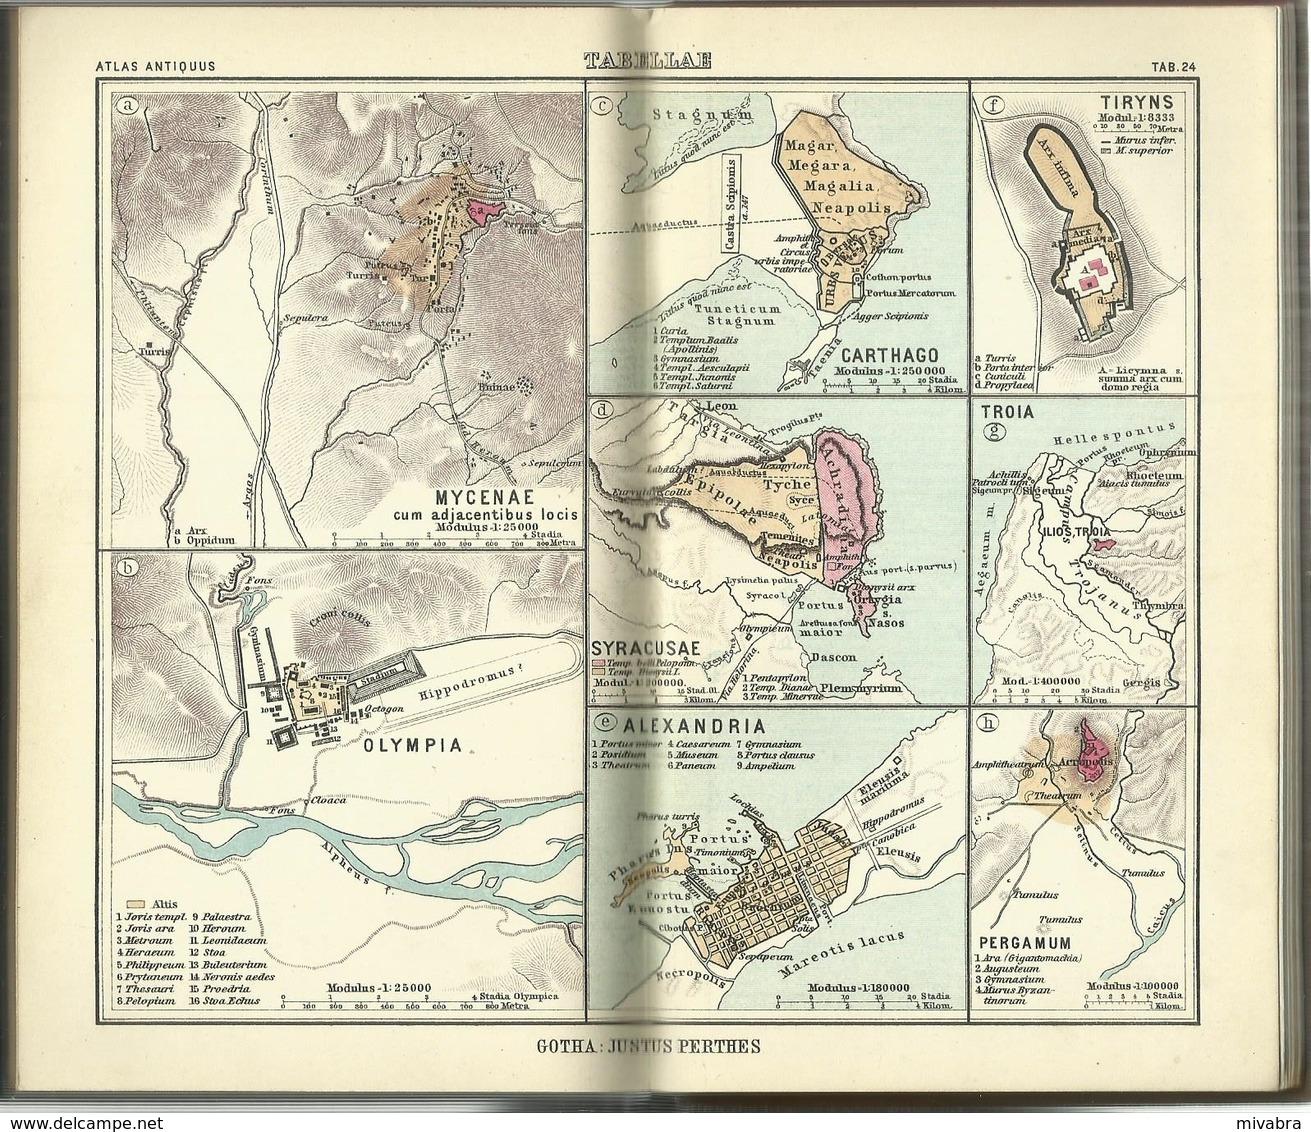 ATLAS ANTIQUUS - NEUNTE AUFLAGE JUSTUS PERTHES 1931 - Maps Of The World